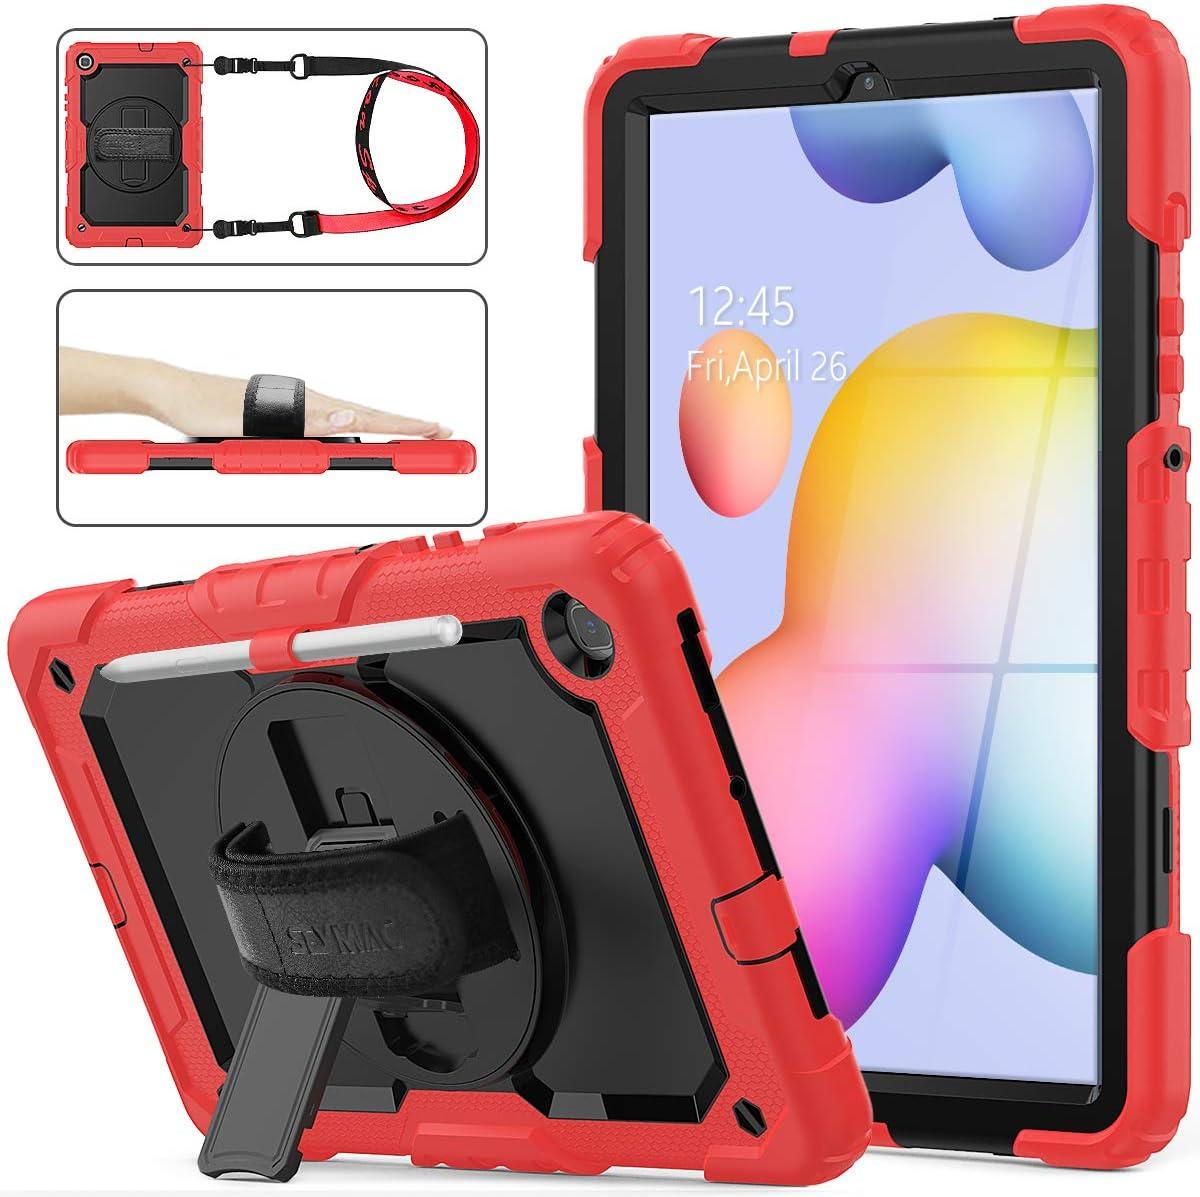 Funda SEYMAC para Galaxy Tab S6 Lite 10.4 2020 (W3F1)